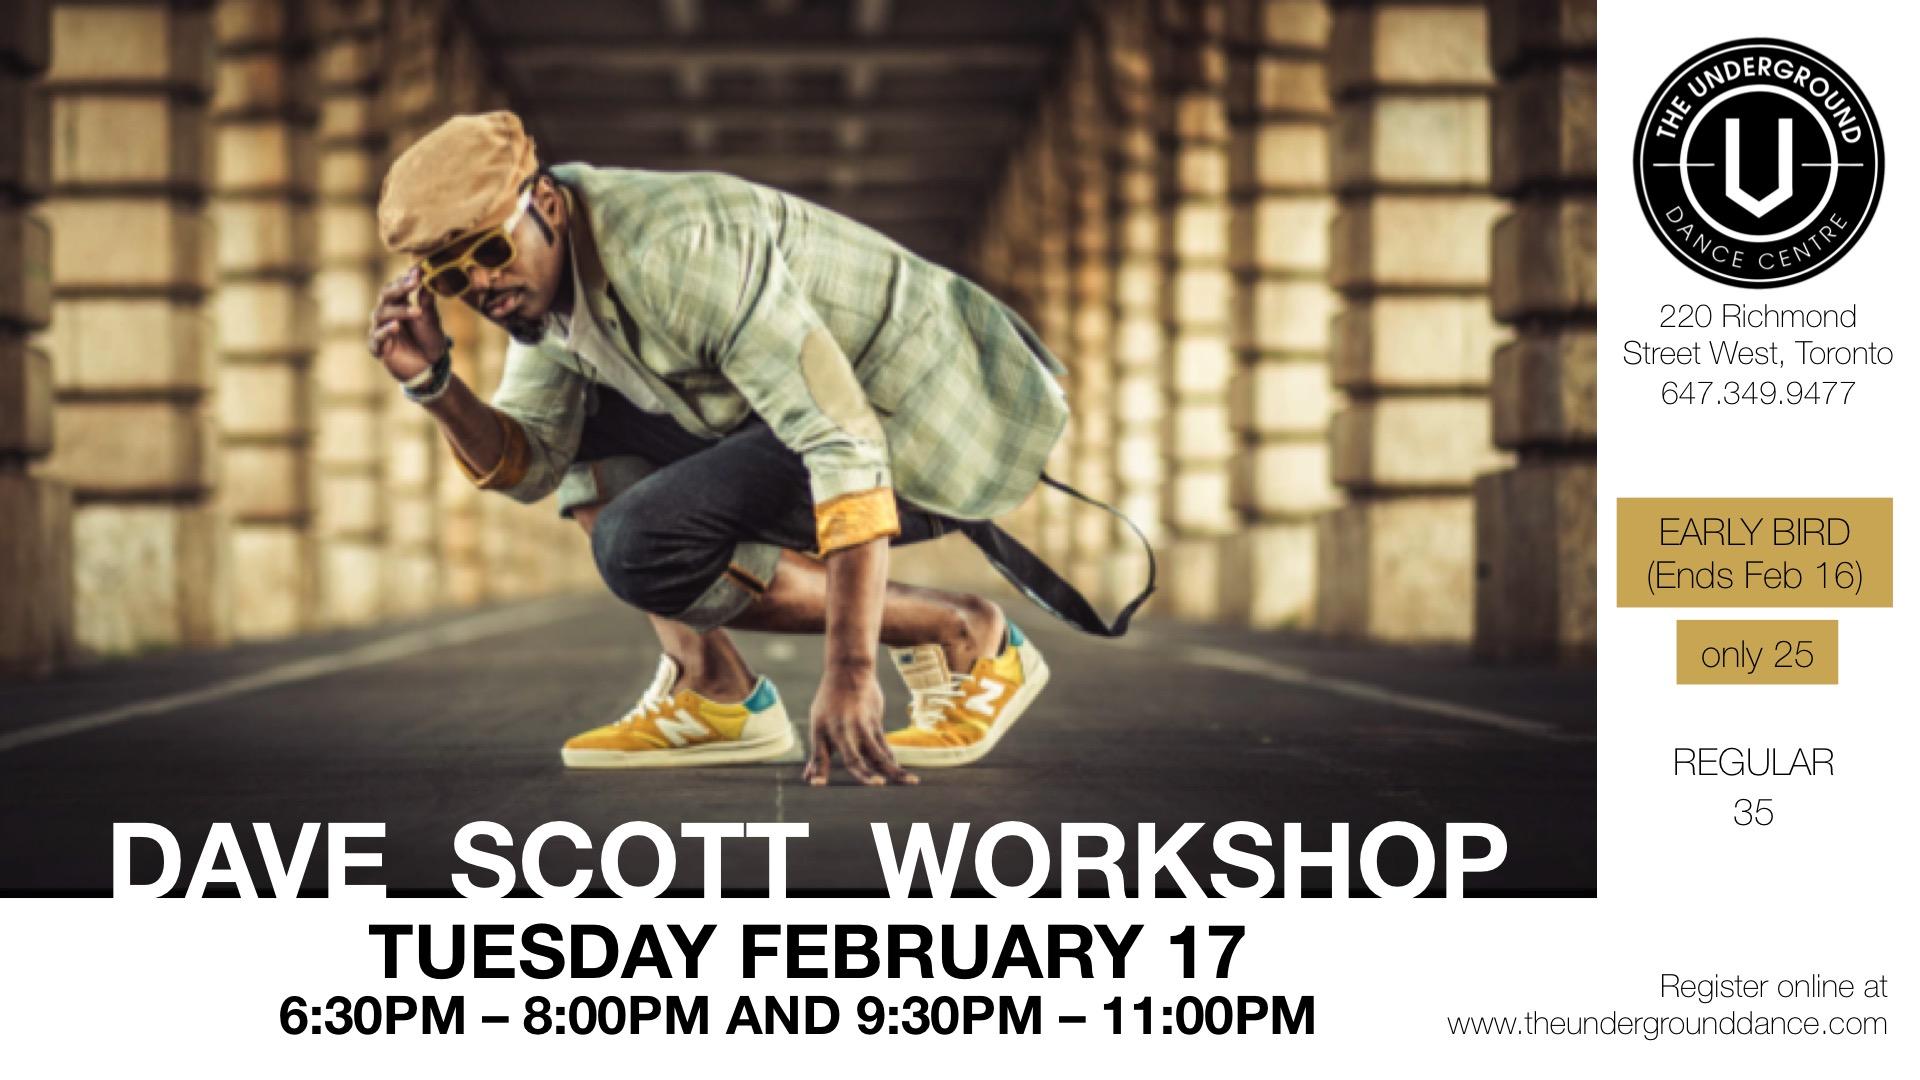 Dave Scott Workshop